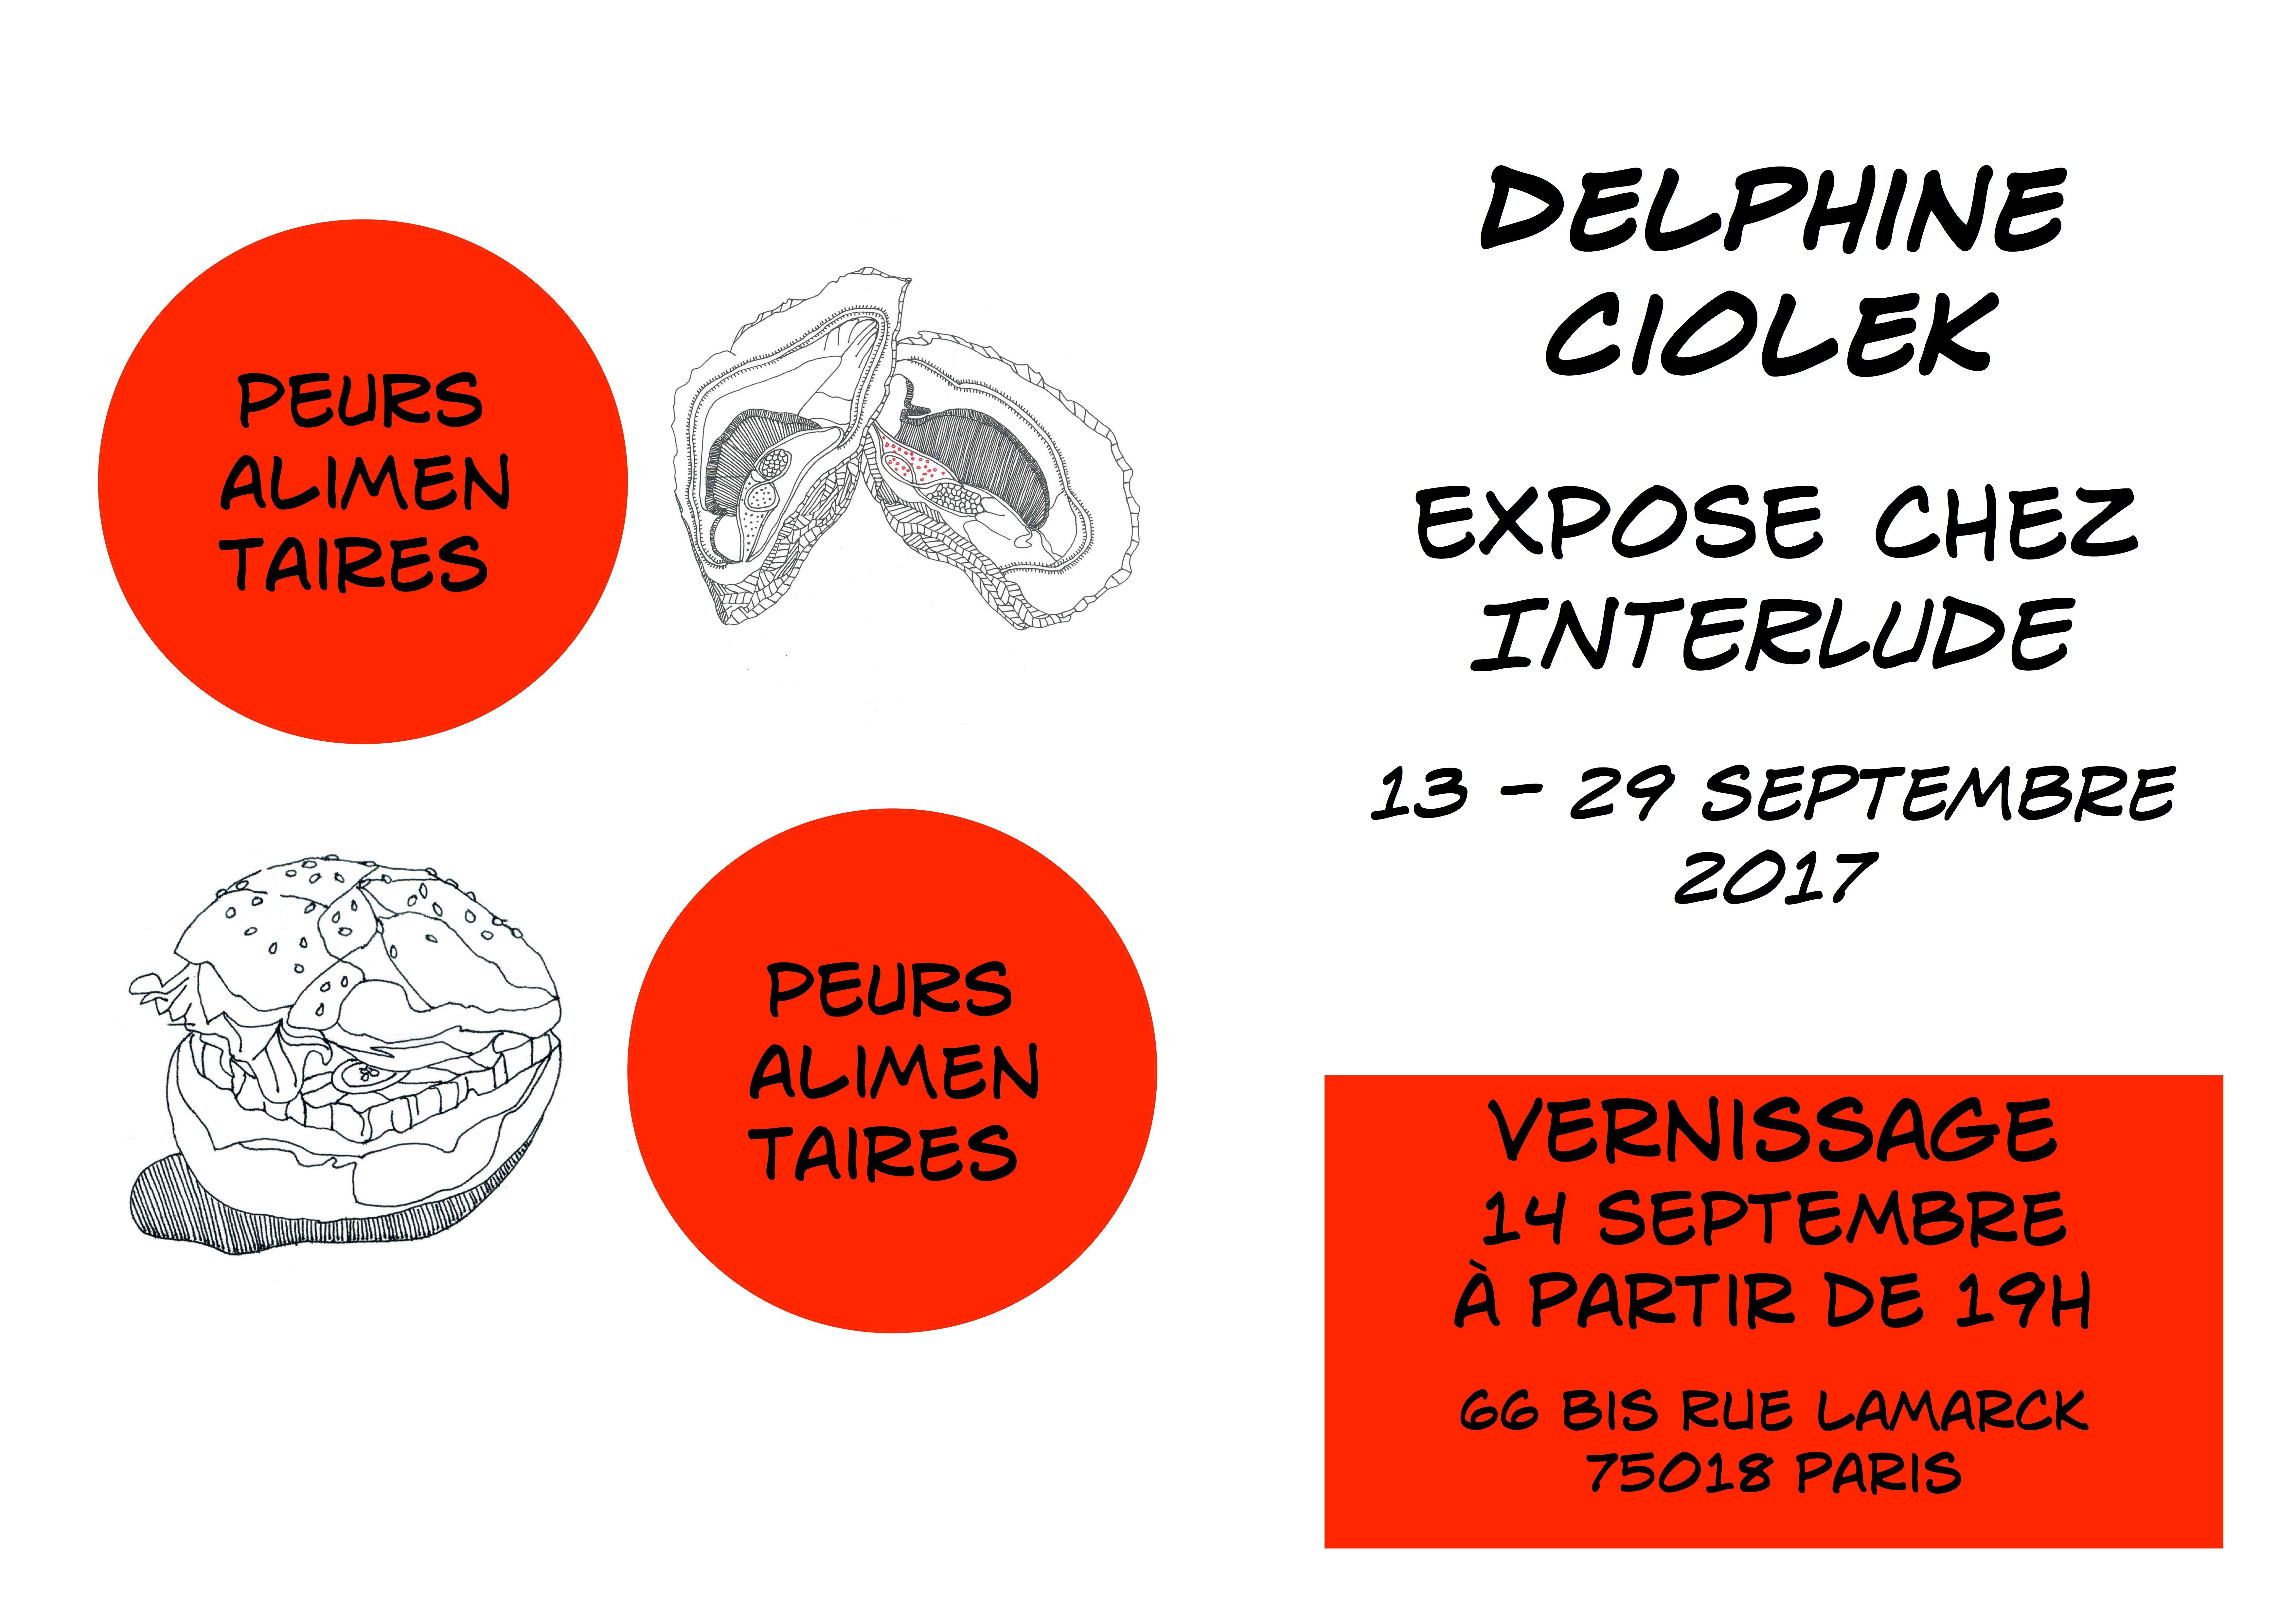 Flyer_Interlude_DelphineCiolek